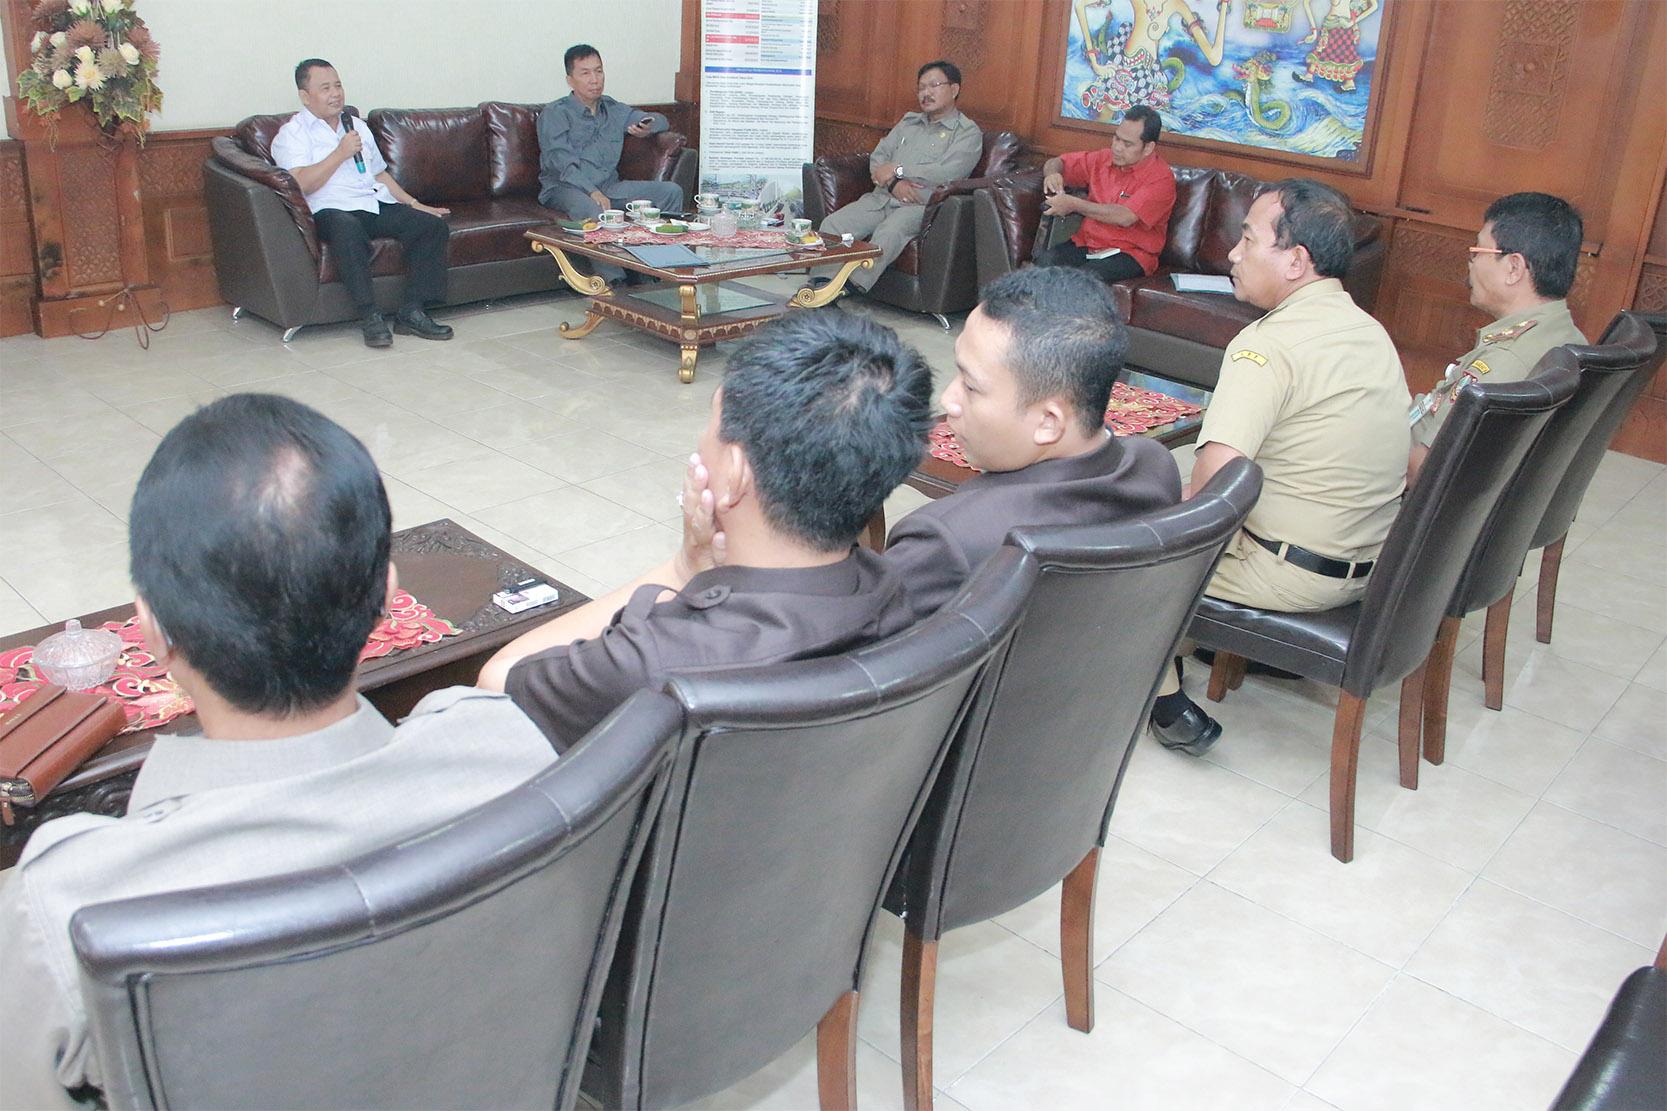 DPRD Kab Pamekasan Pelajari Pengelolaan Pasar dan PKL